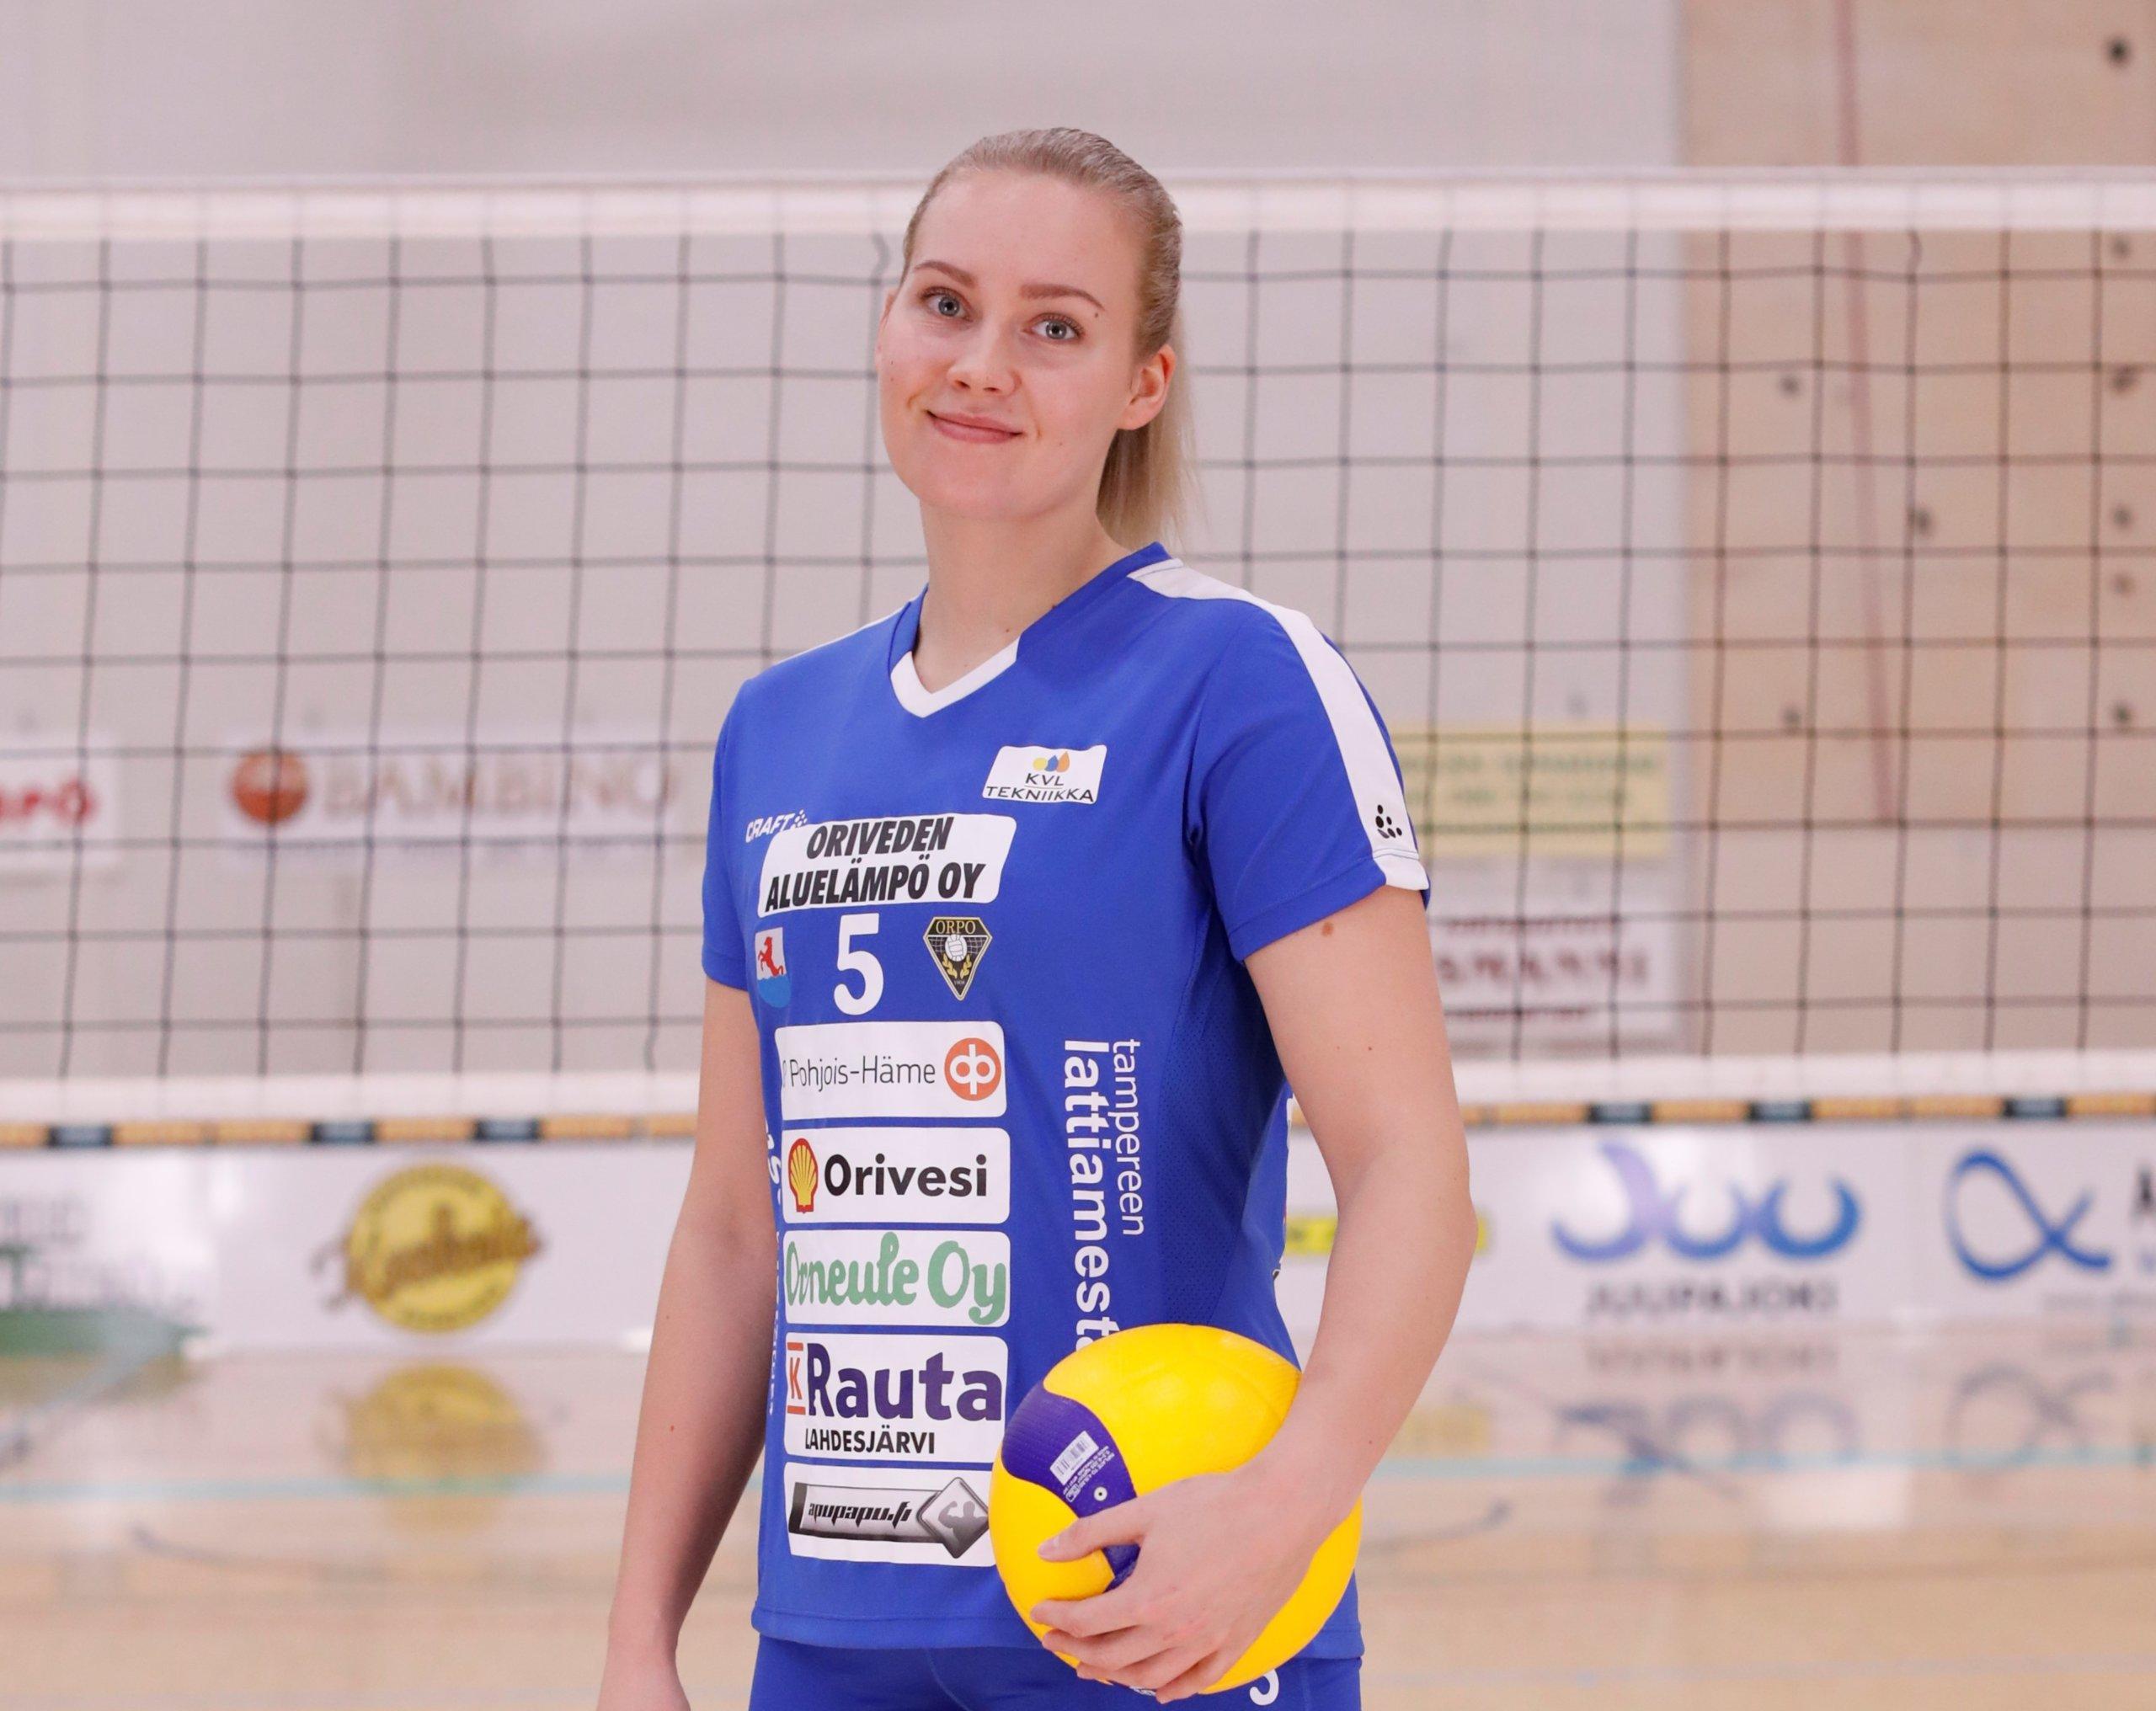 Saara Holm